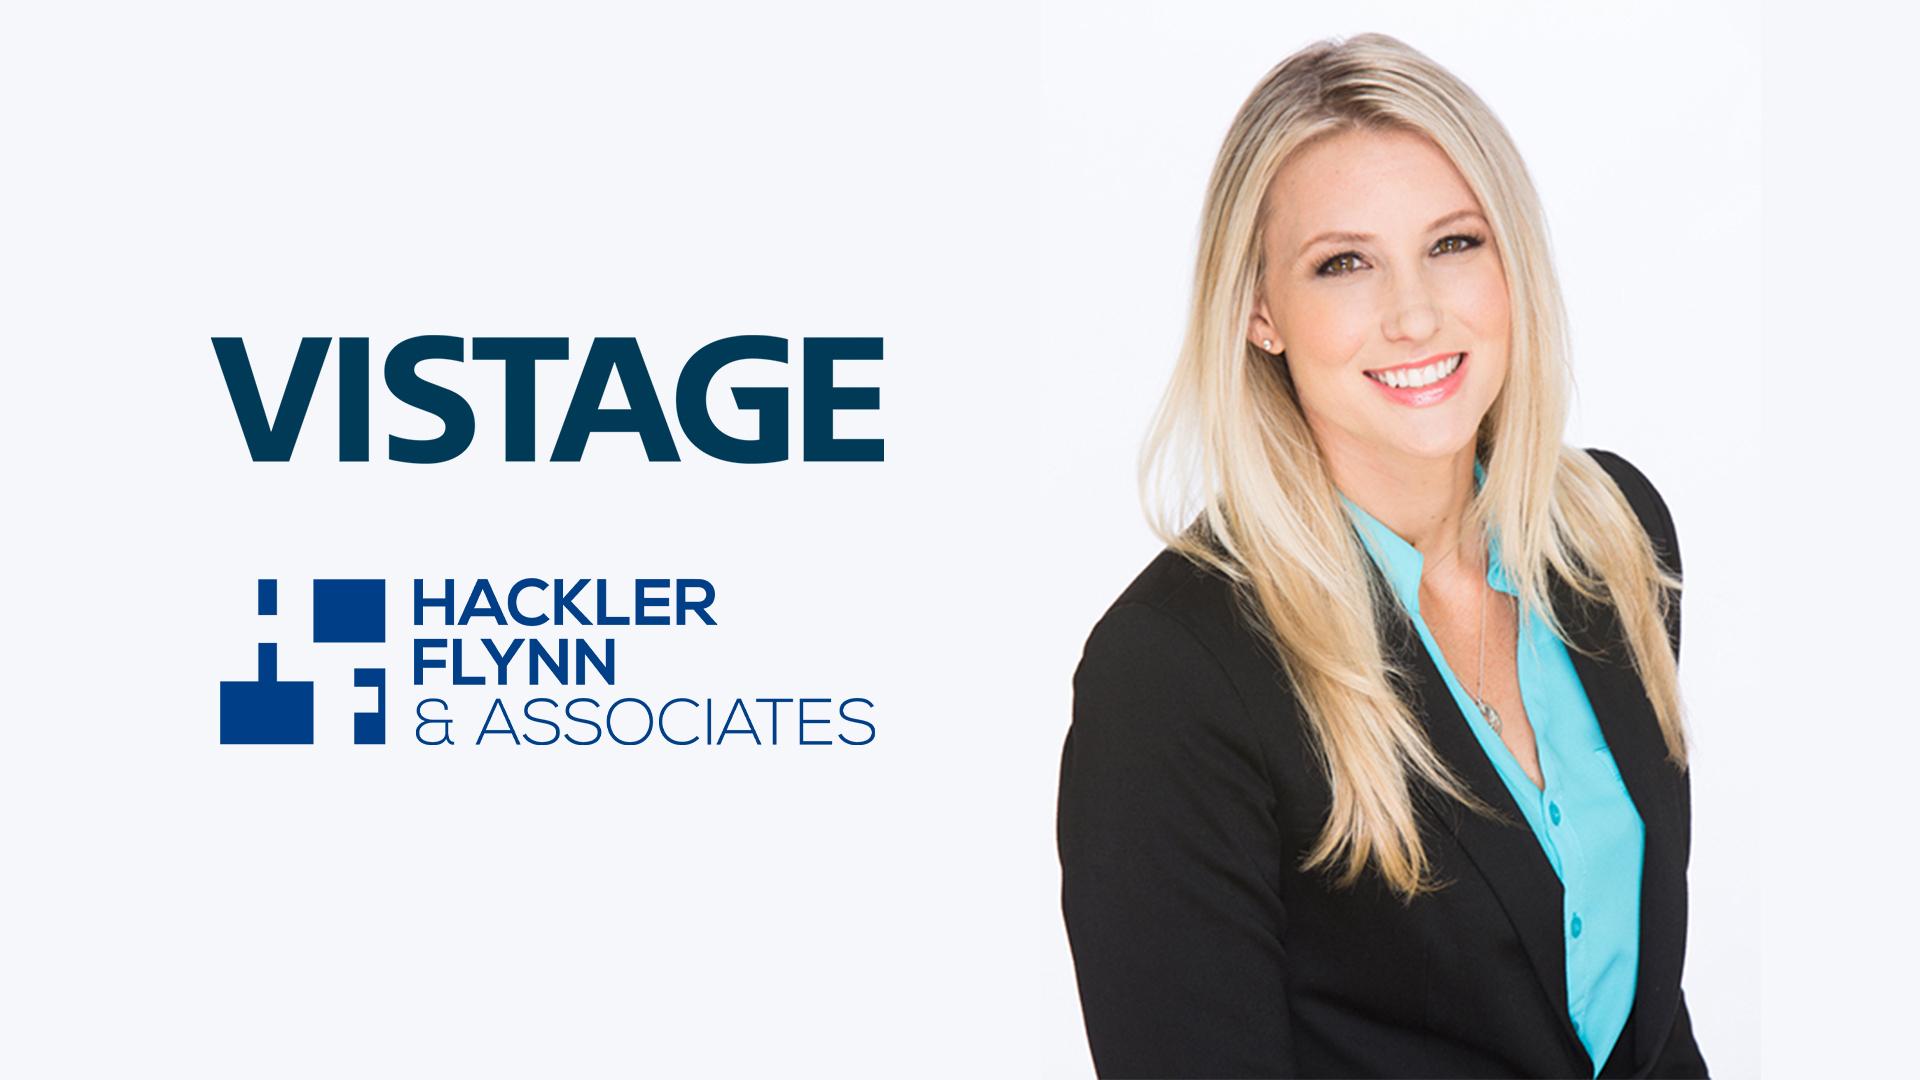 Hackler Flynn Vistage